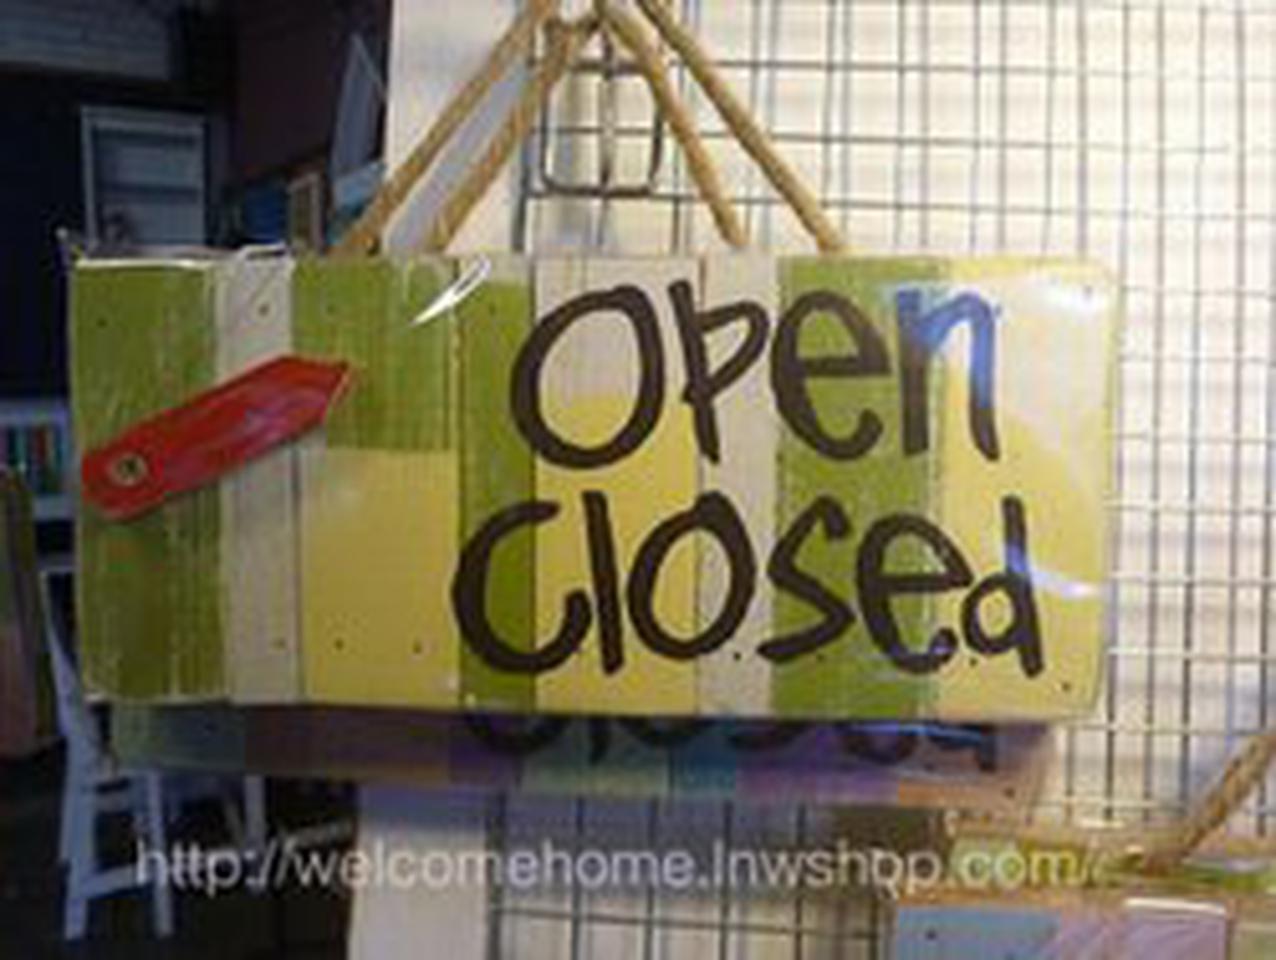 ป้ายเปิด-ปิดสวยๆสำหรับตกแต่งหน้าร้านอาหารตามสั่งร้านกาแฟครับ รูปที่ 3